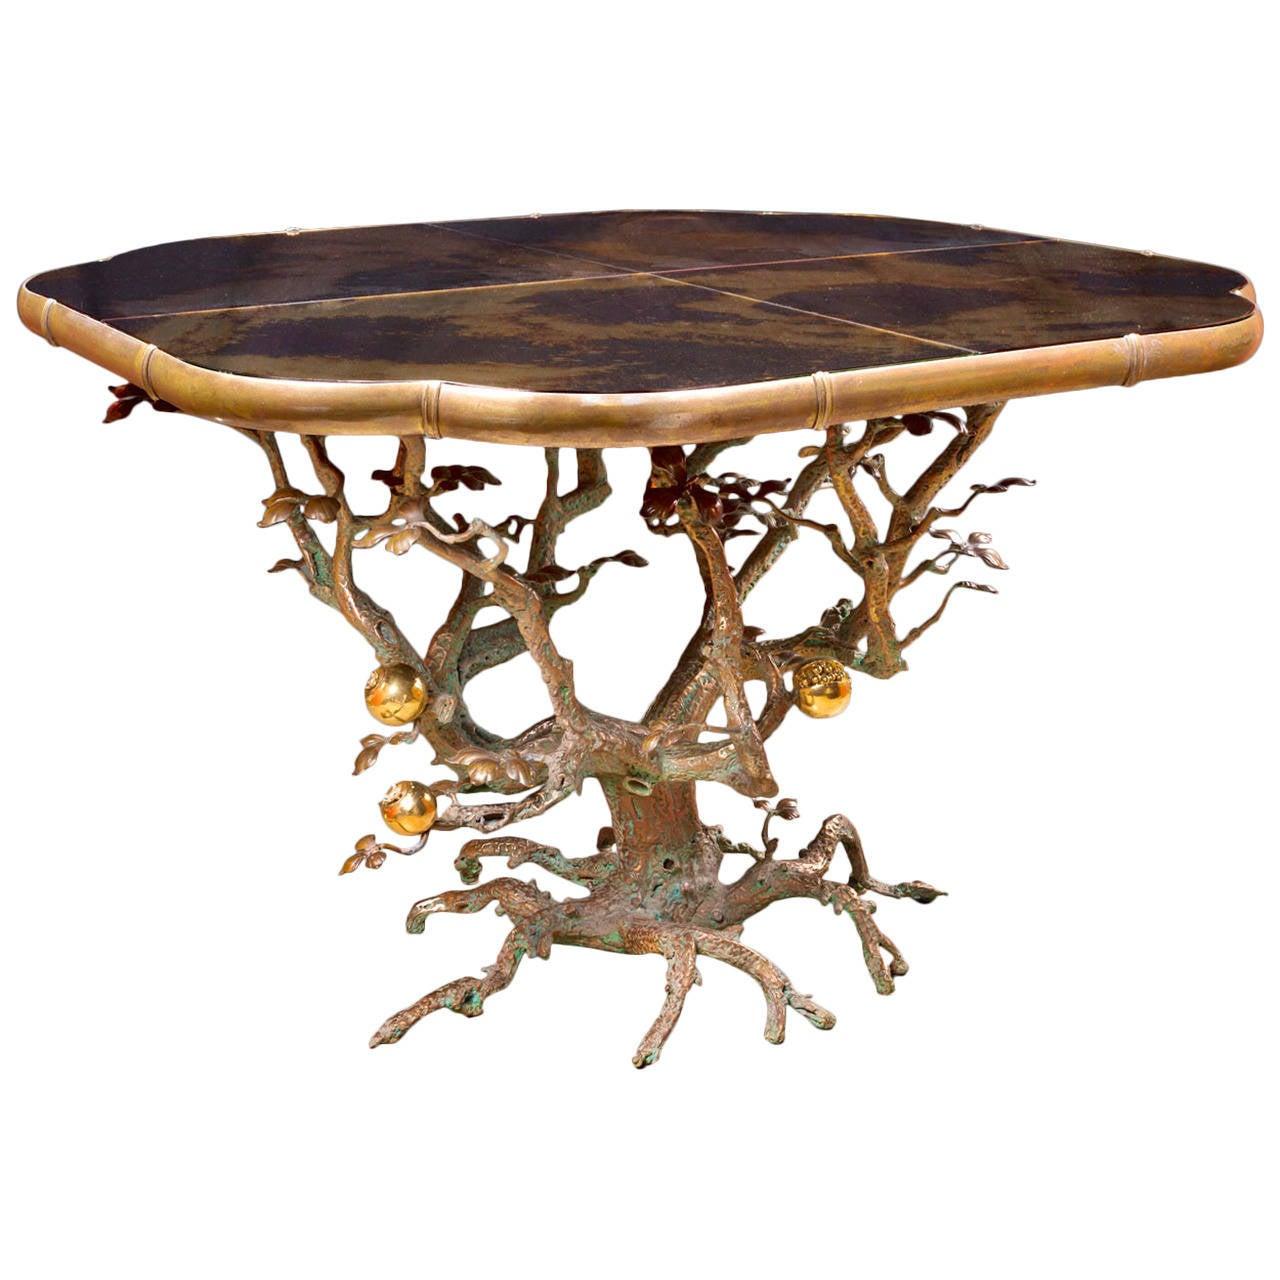 Mark brazier jones unique center pomegranate table 2013 for Markup table